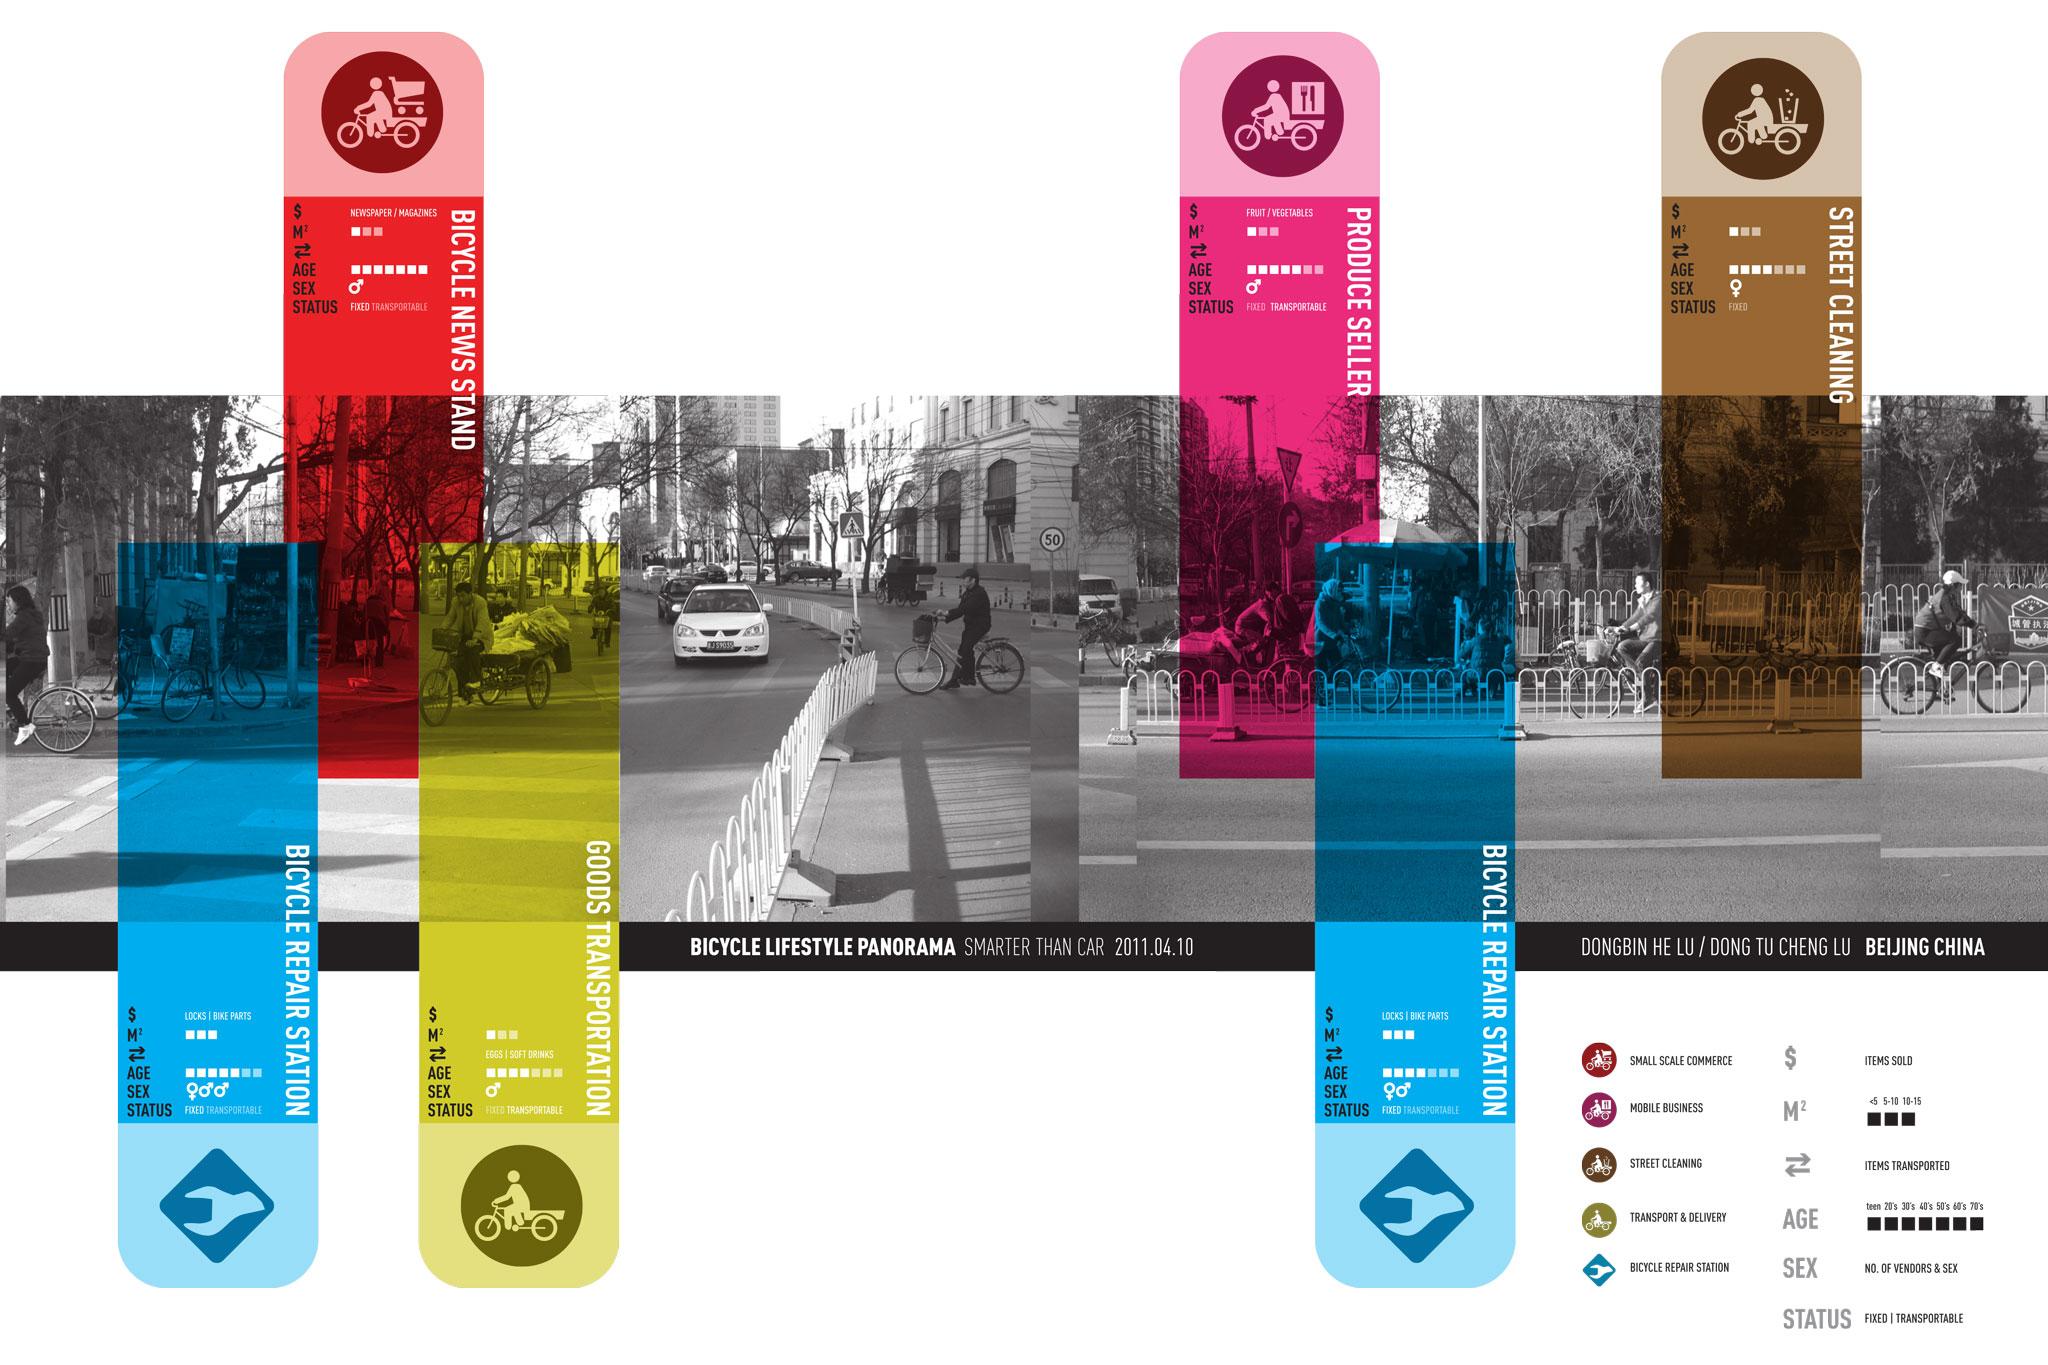 SmarterThanCar_2011_Beijing-Bicycle-Livelihoods_Street-section